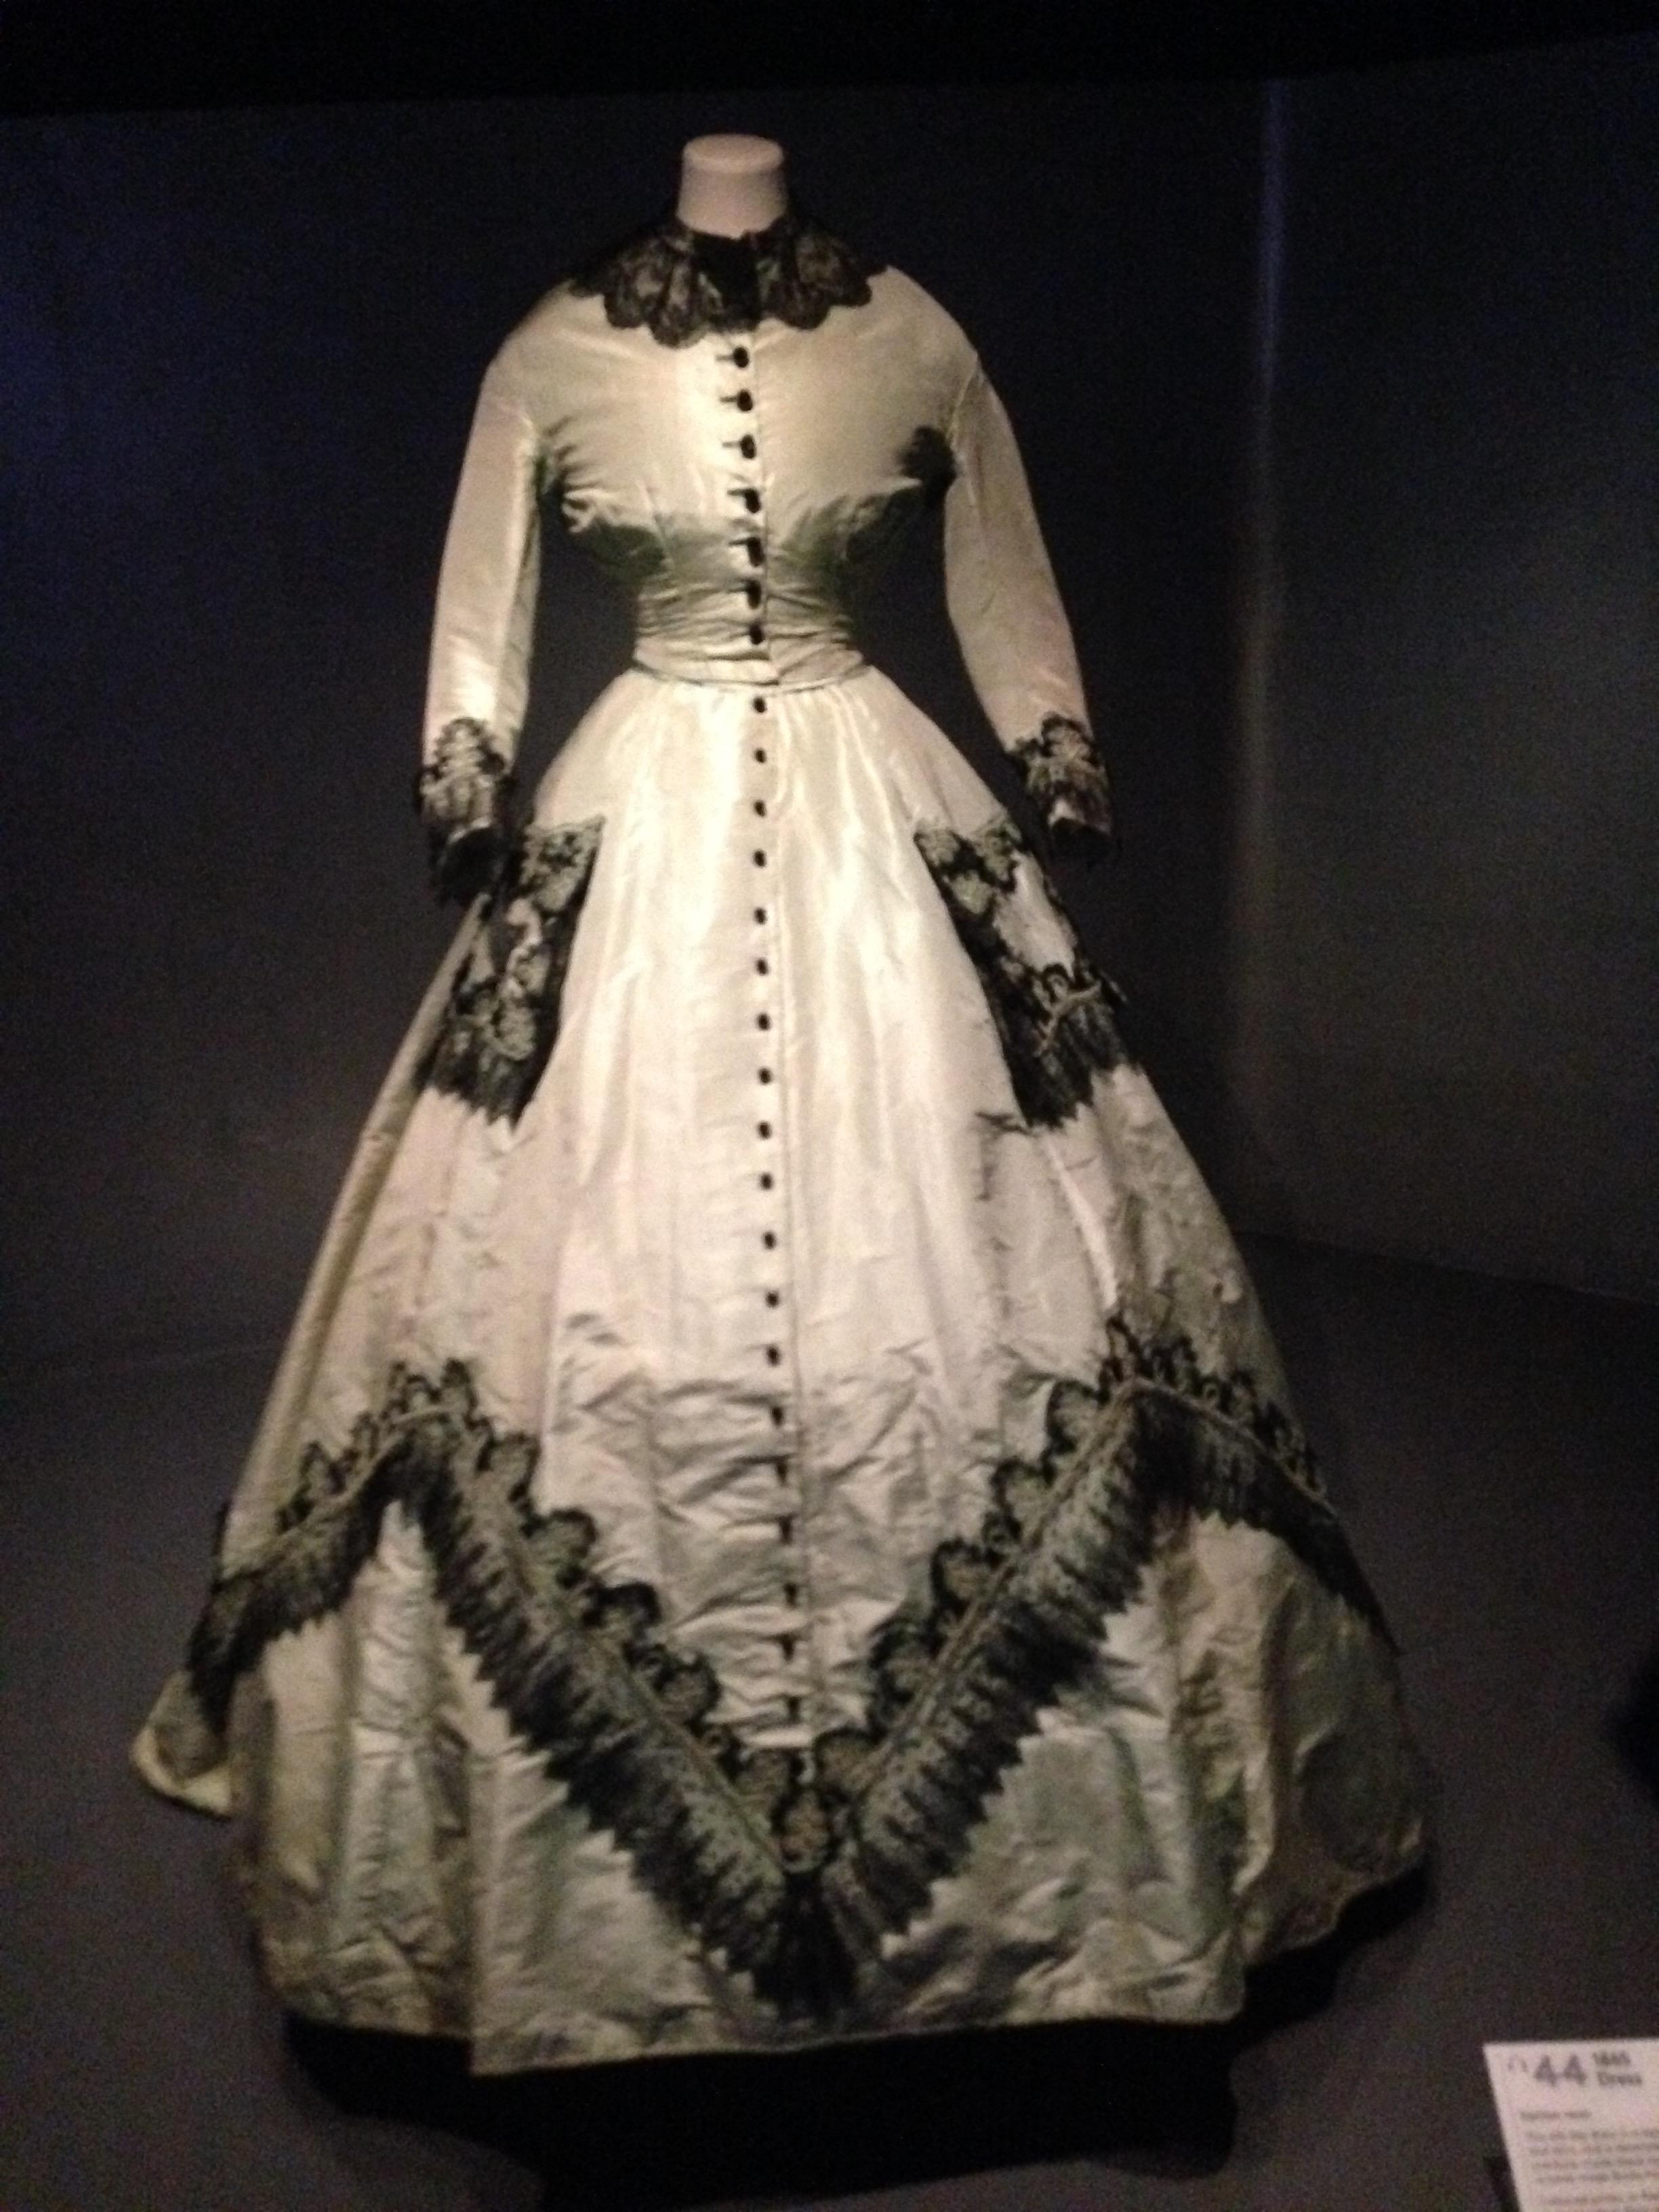 A beautiful light green Victorian dress.